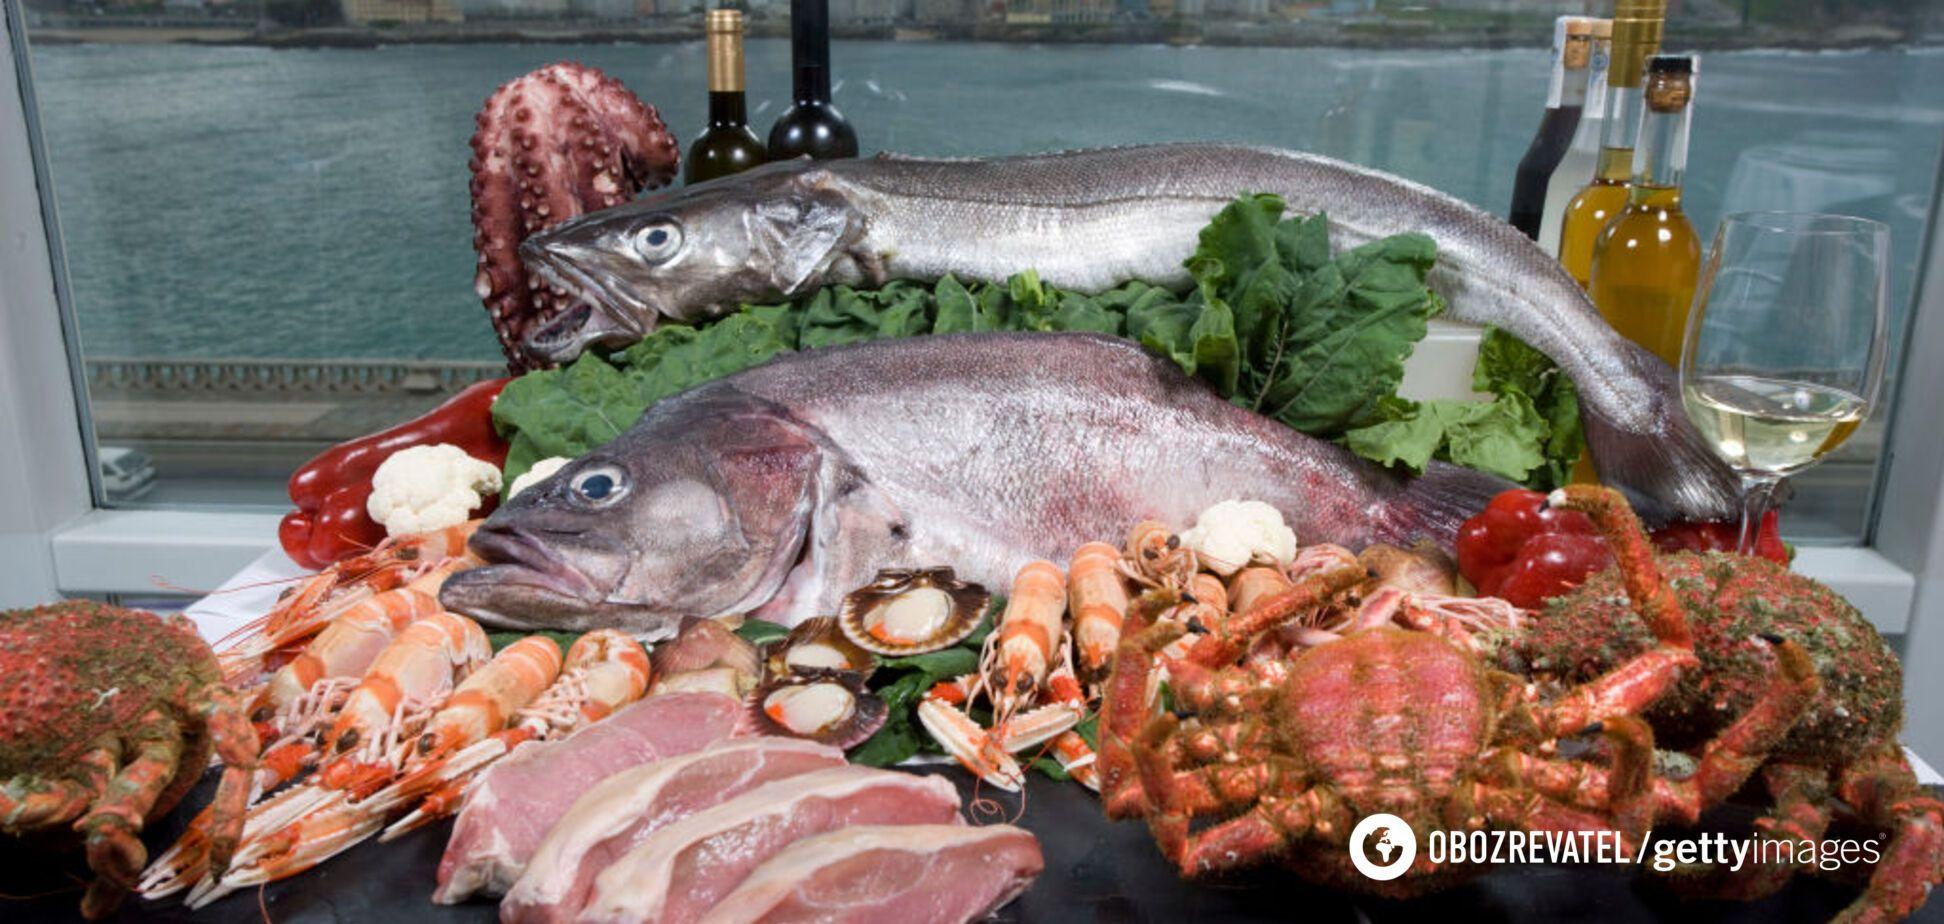 Мясо, рыба и молоко скоро могут исчезнуть из магазинов: в чем дело